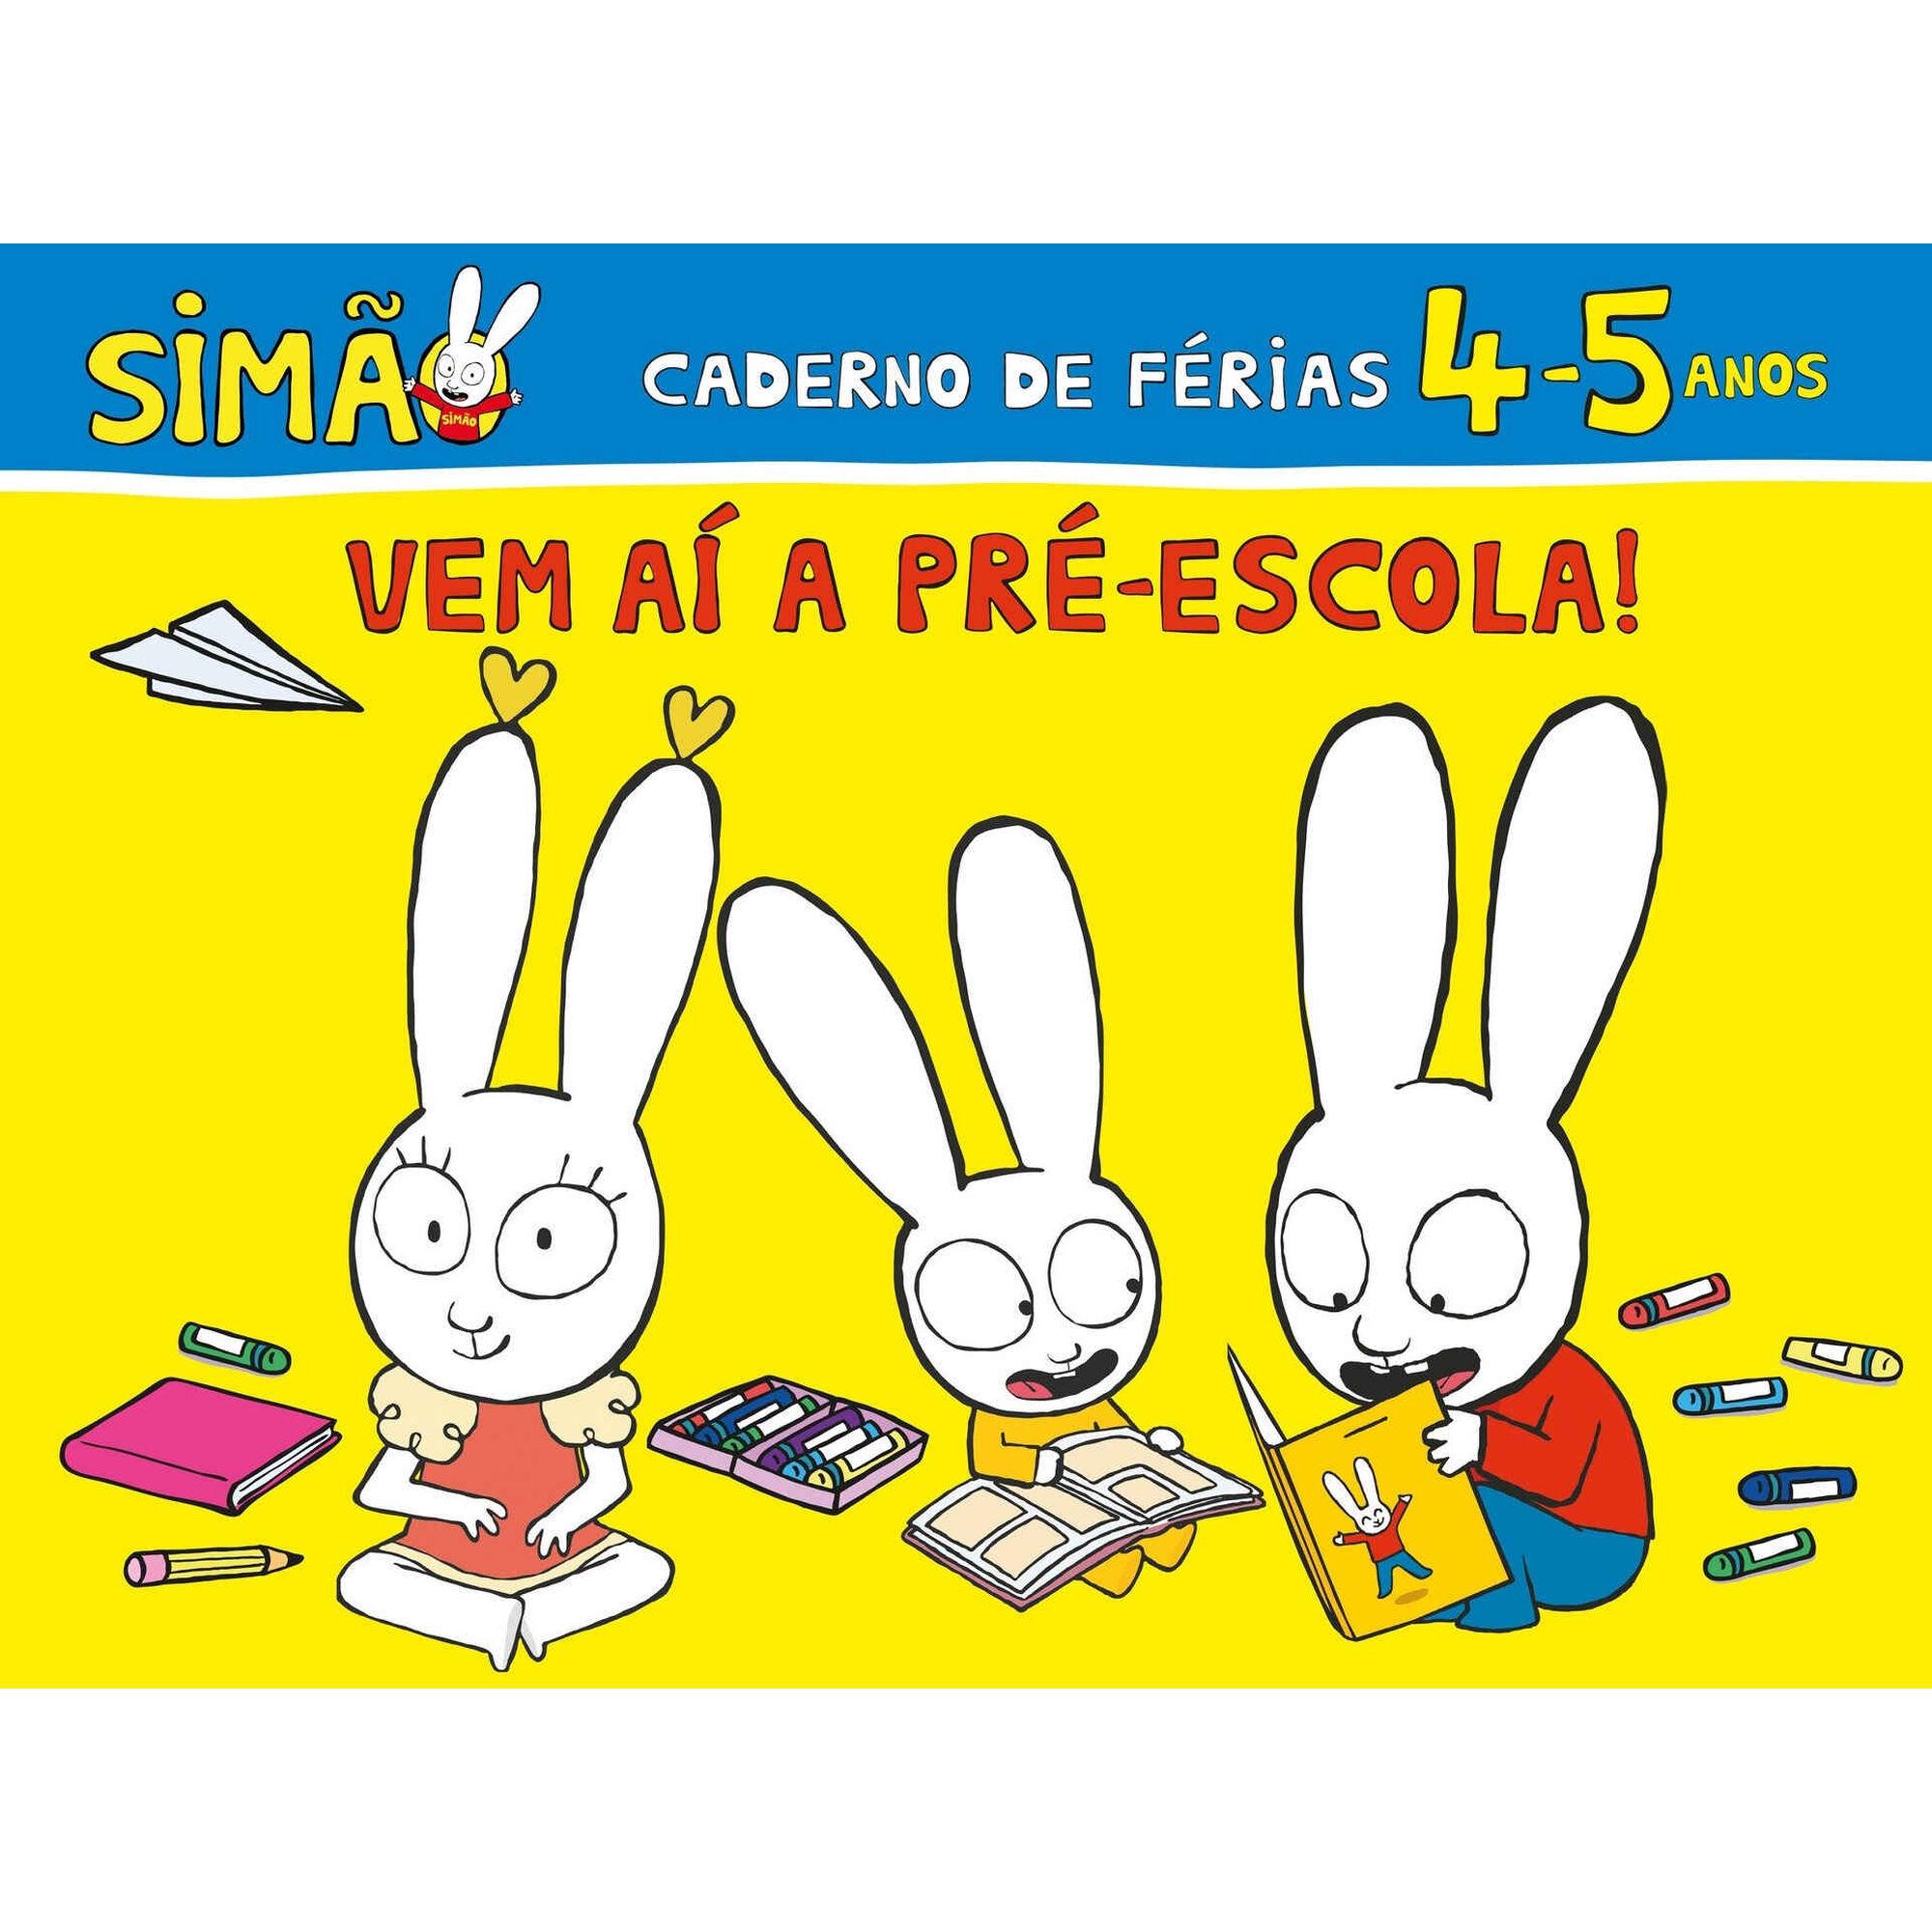 Simão - Vem Aí a Pré-Escola! Caderno de Férias 4-5 Anos